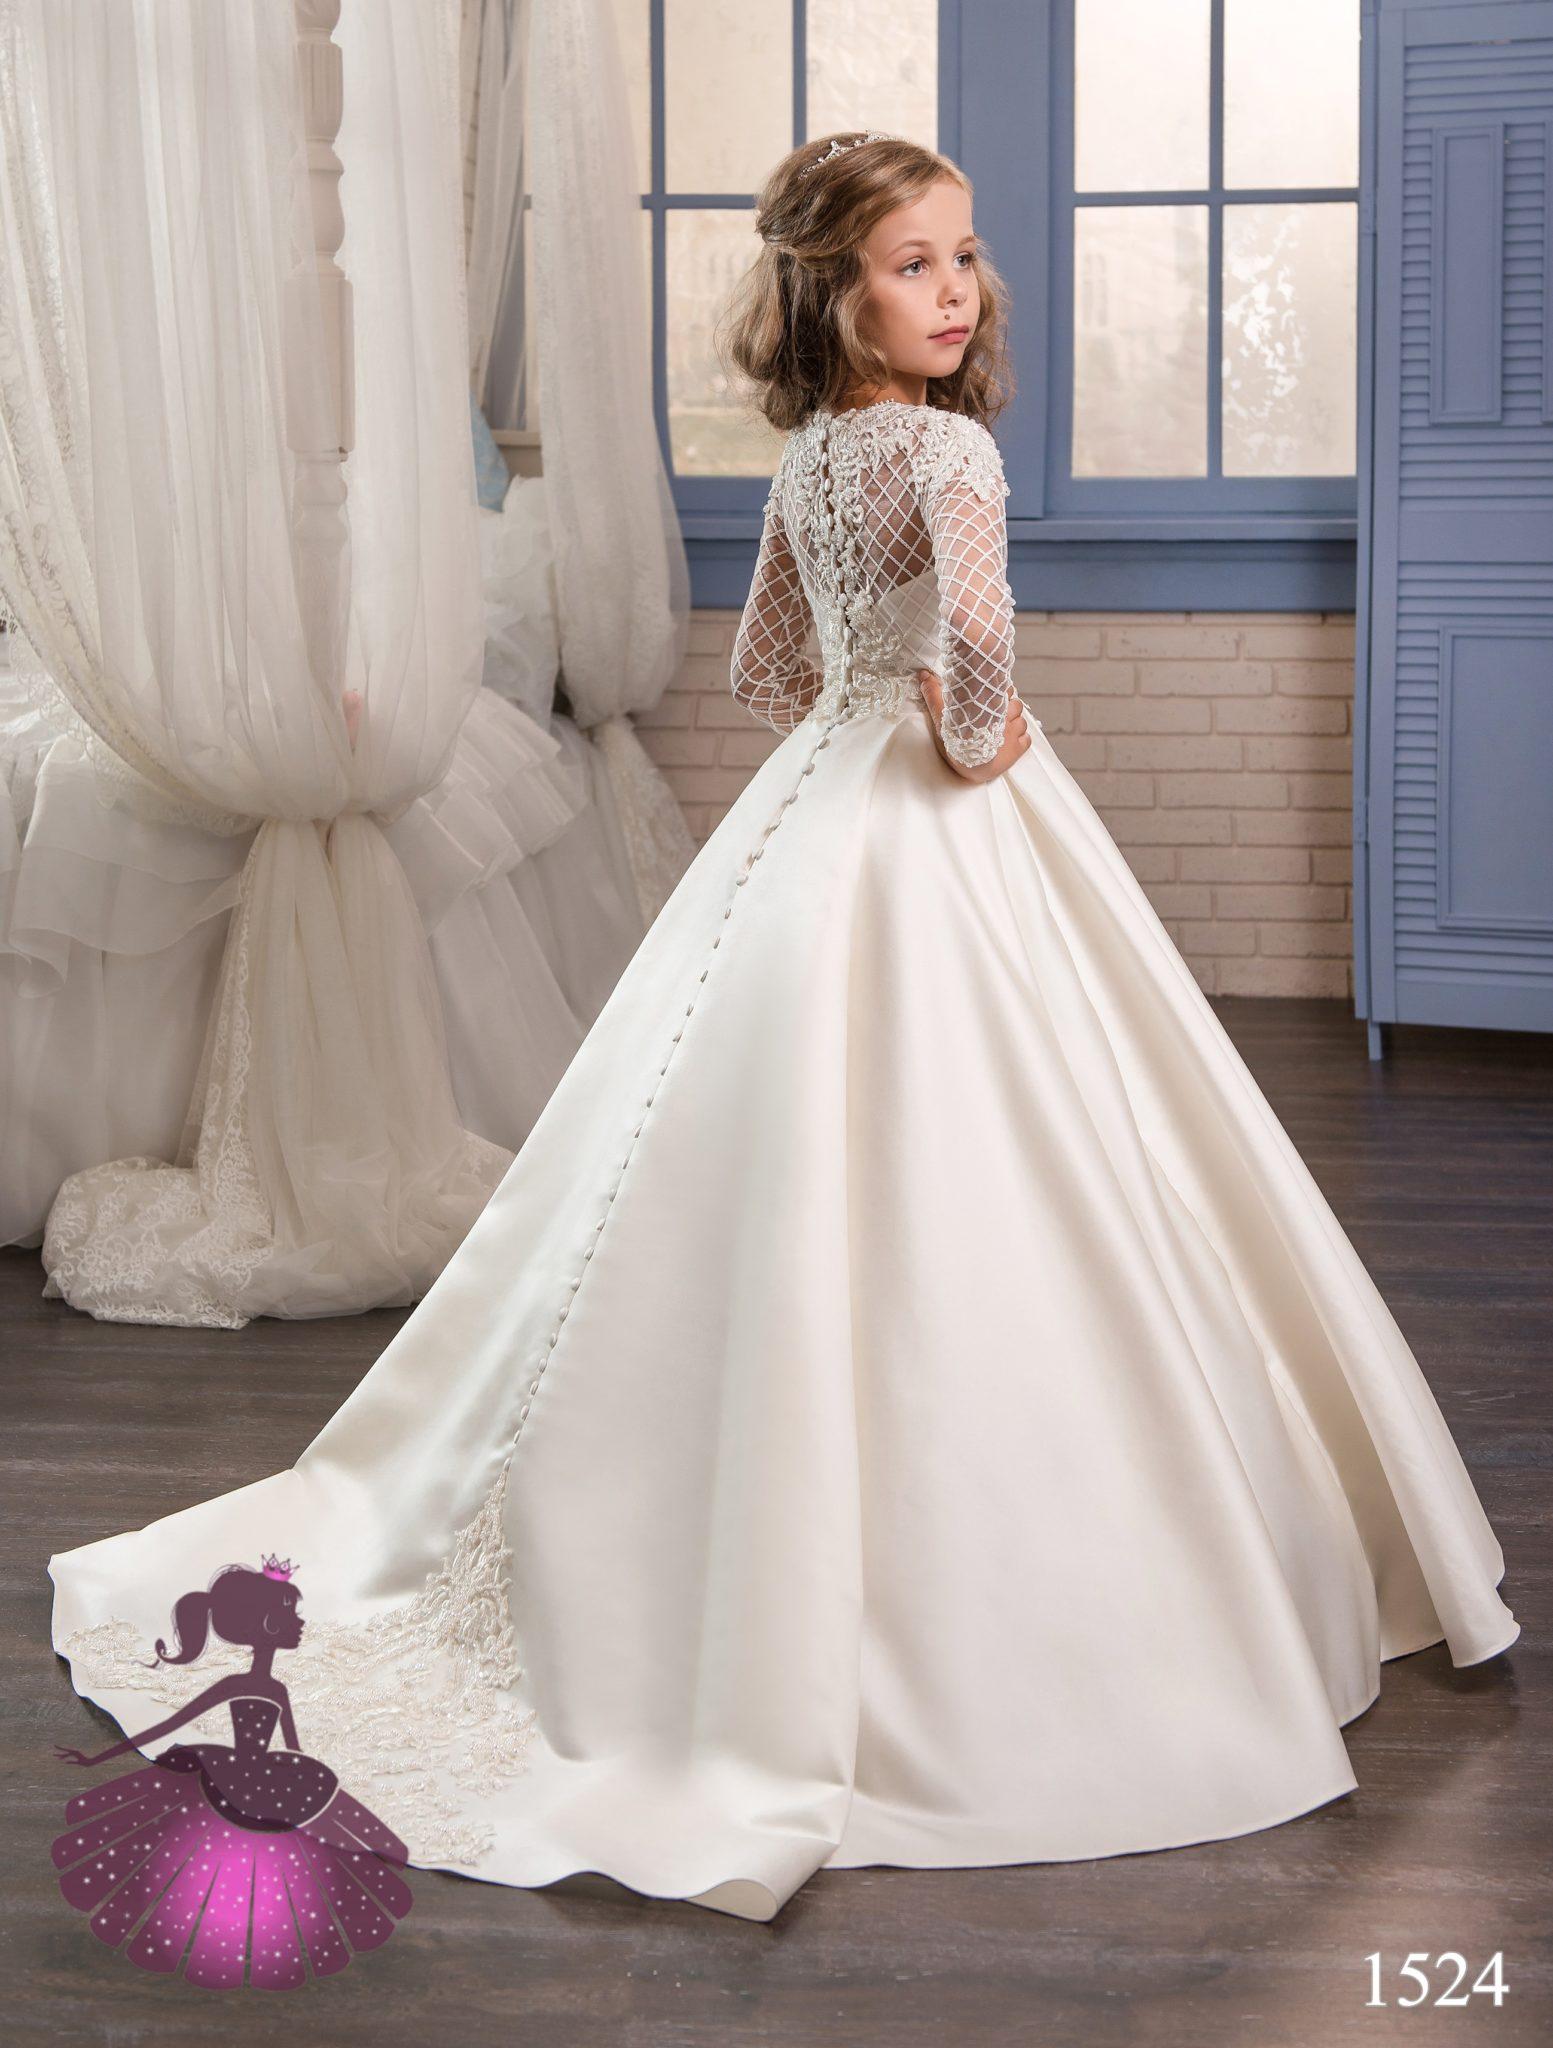 Аренда платьев Little queen dress в фотостудии Frontpage 1524 2